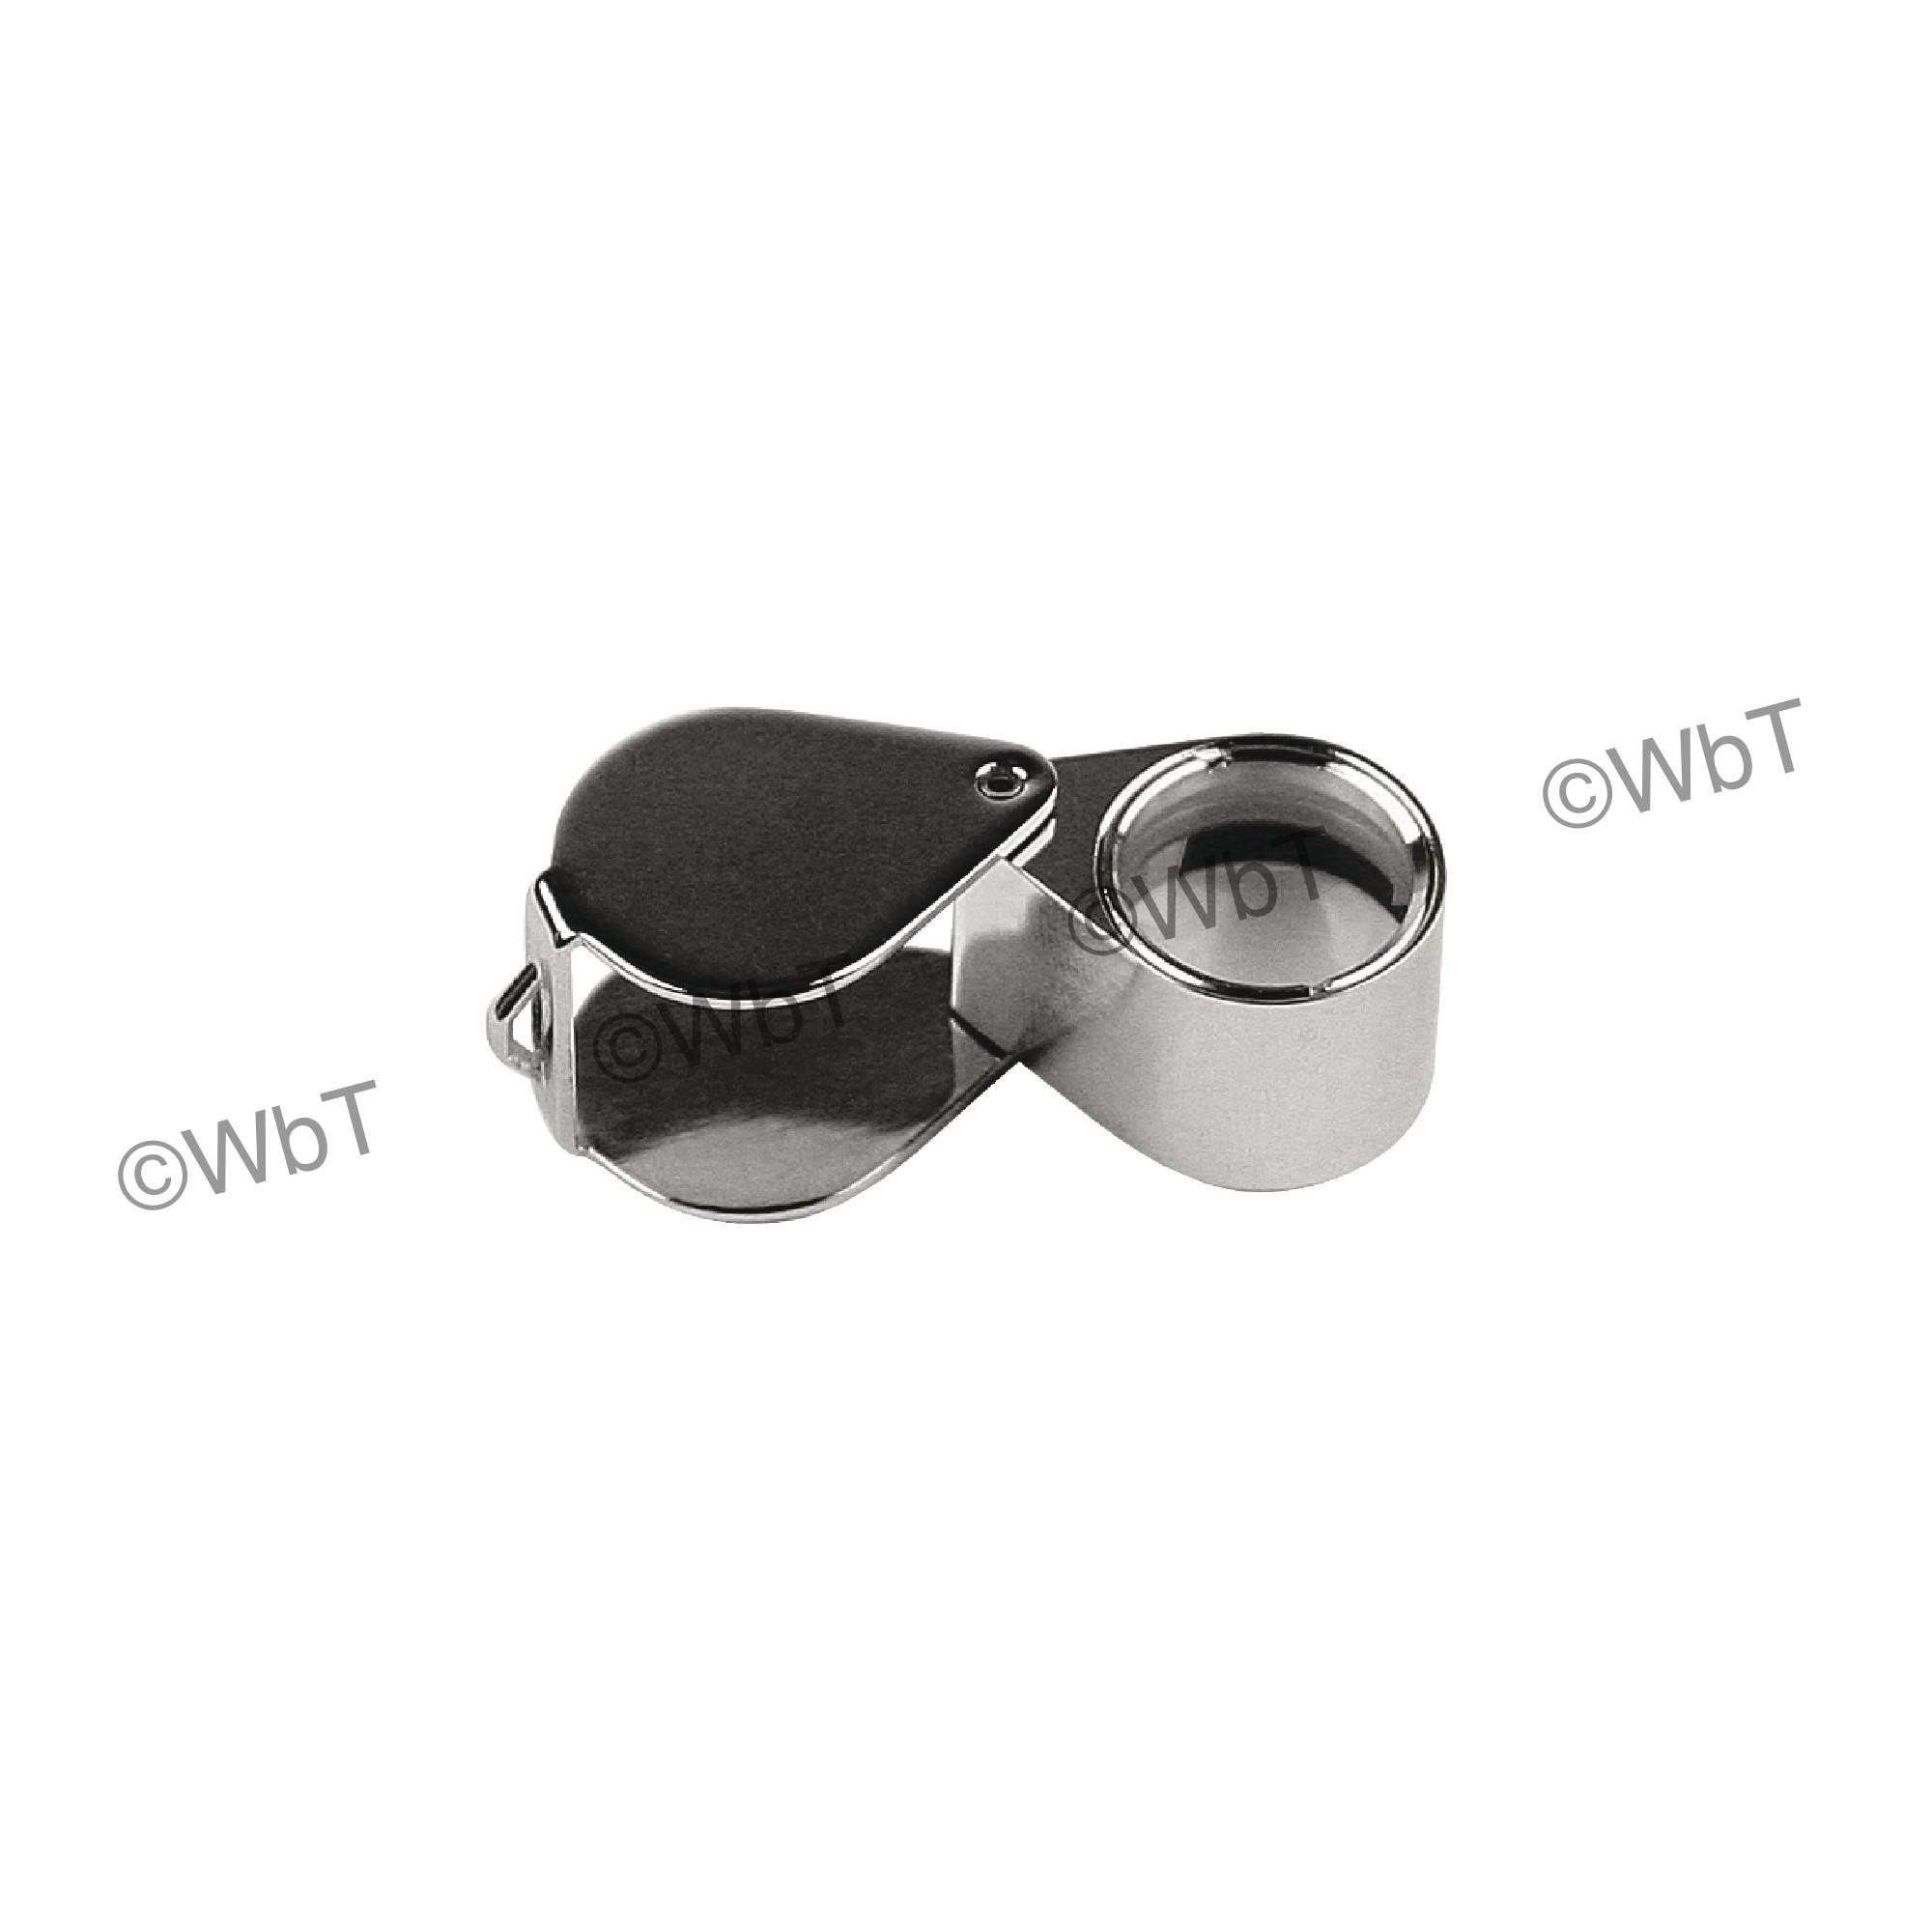 10X Hastings Triplet Magnifier